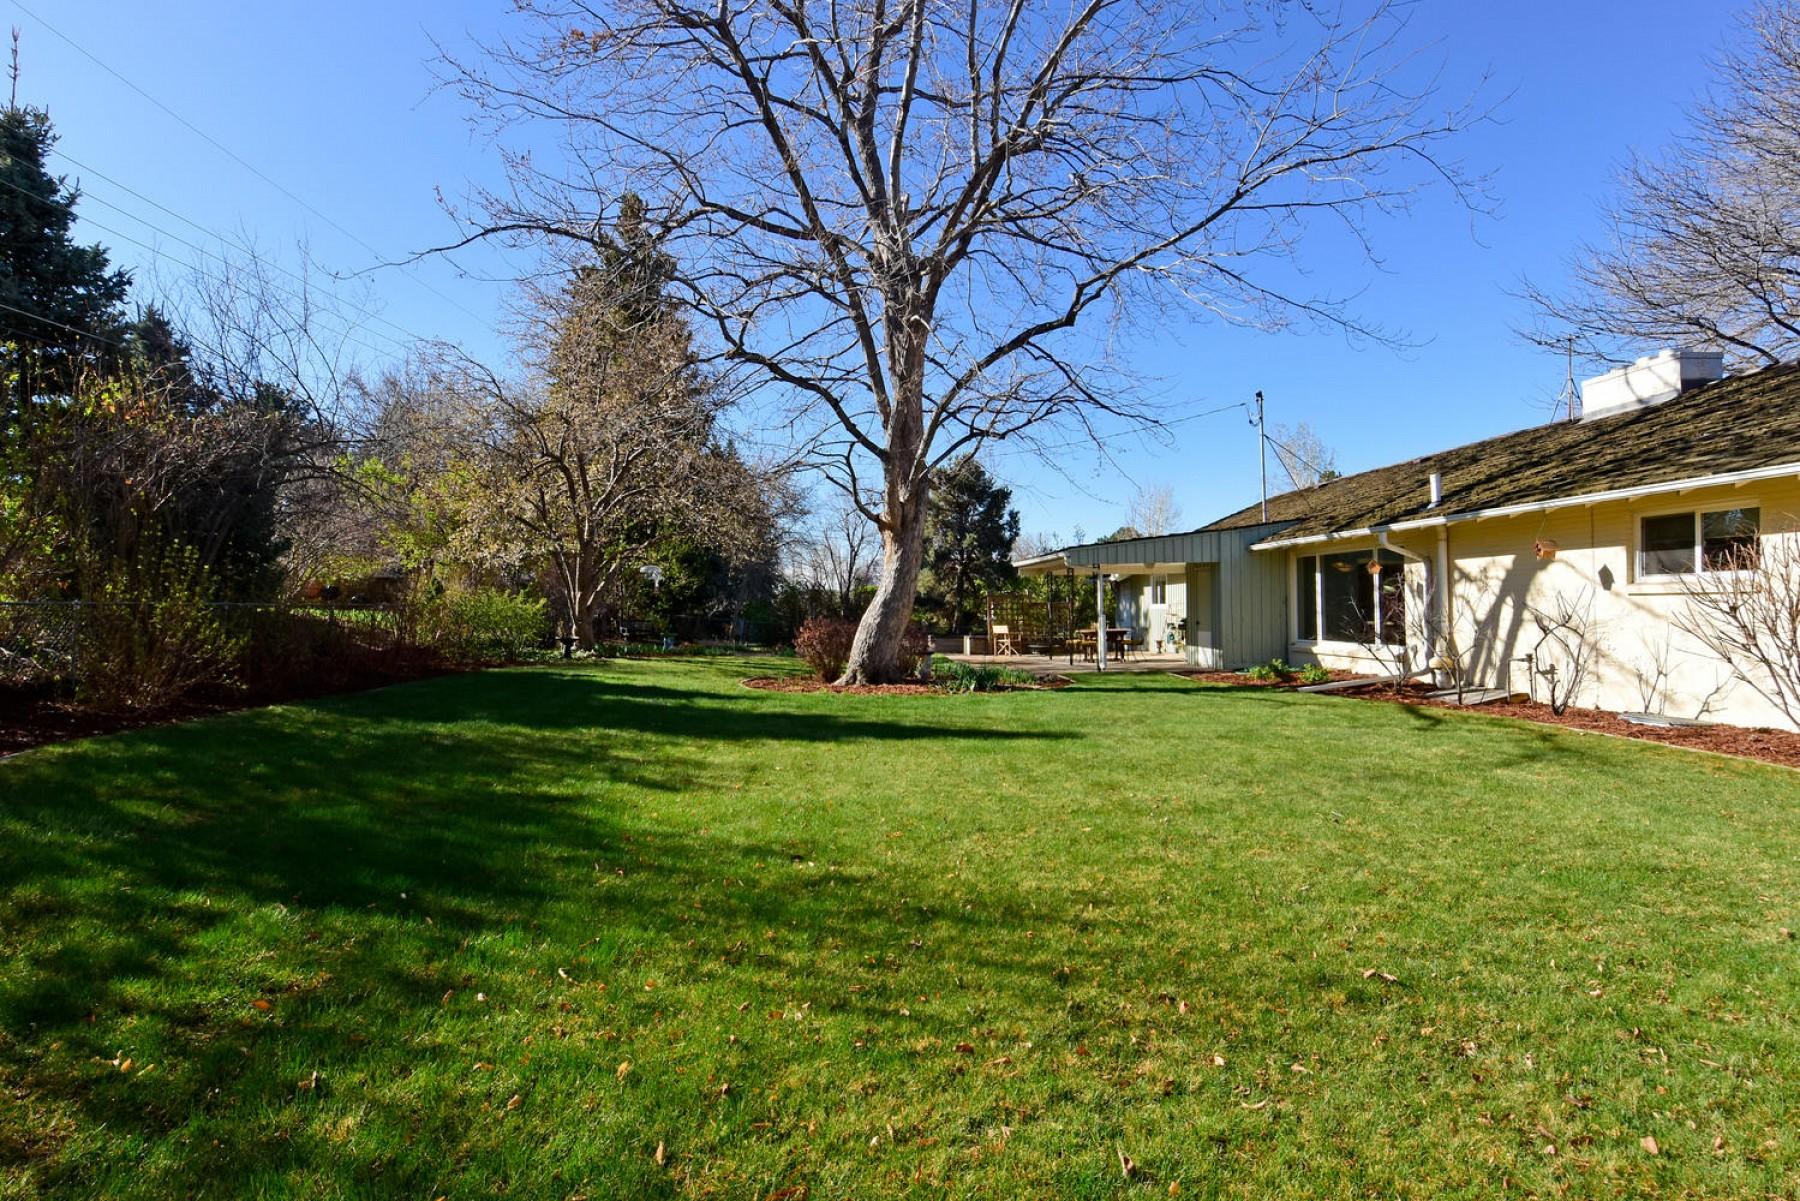 5960 S. Race Street, Greenwood Village, CO 80121